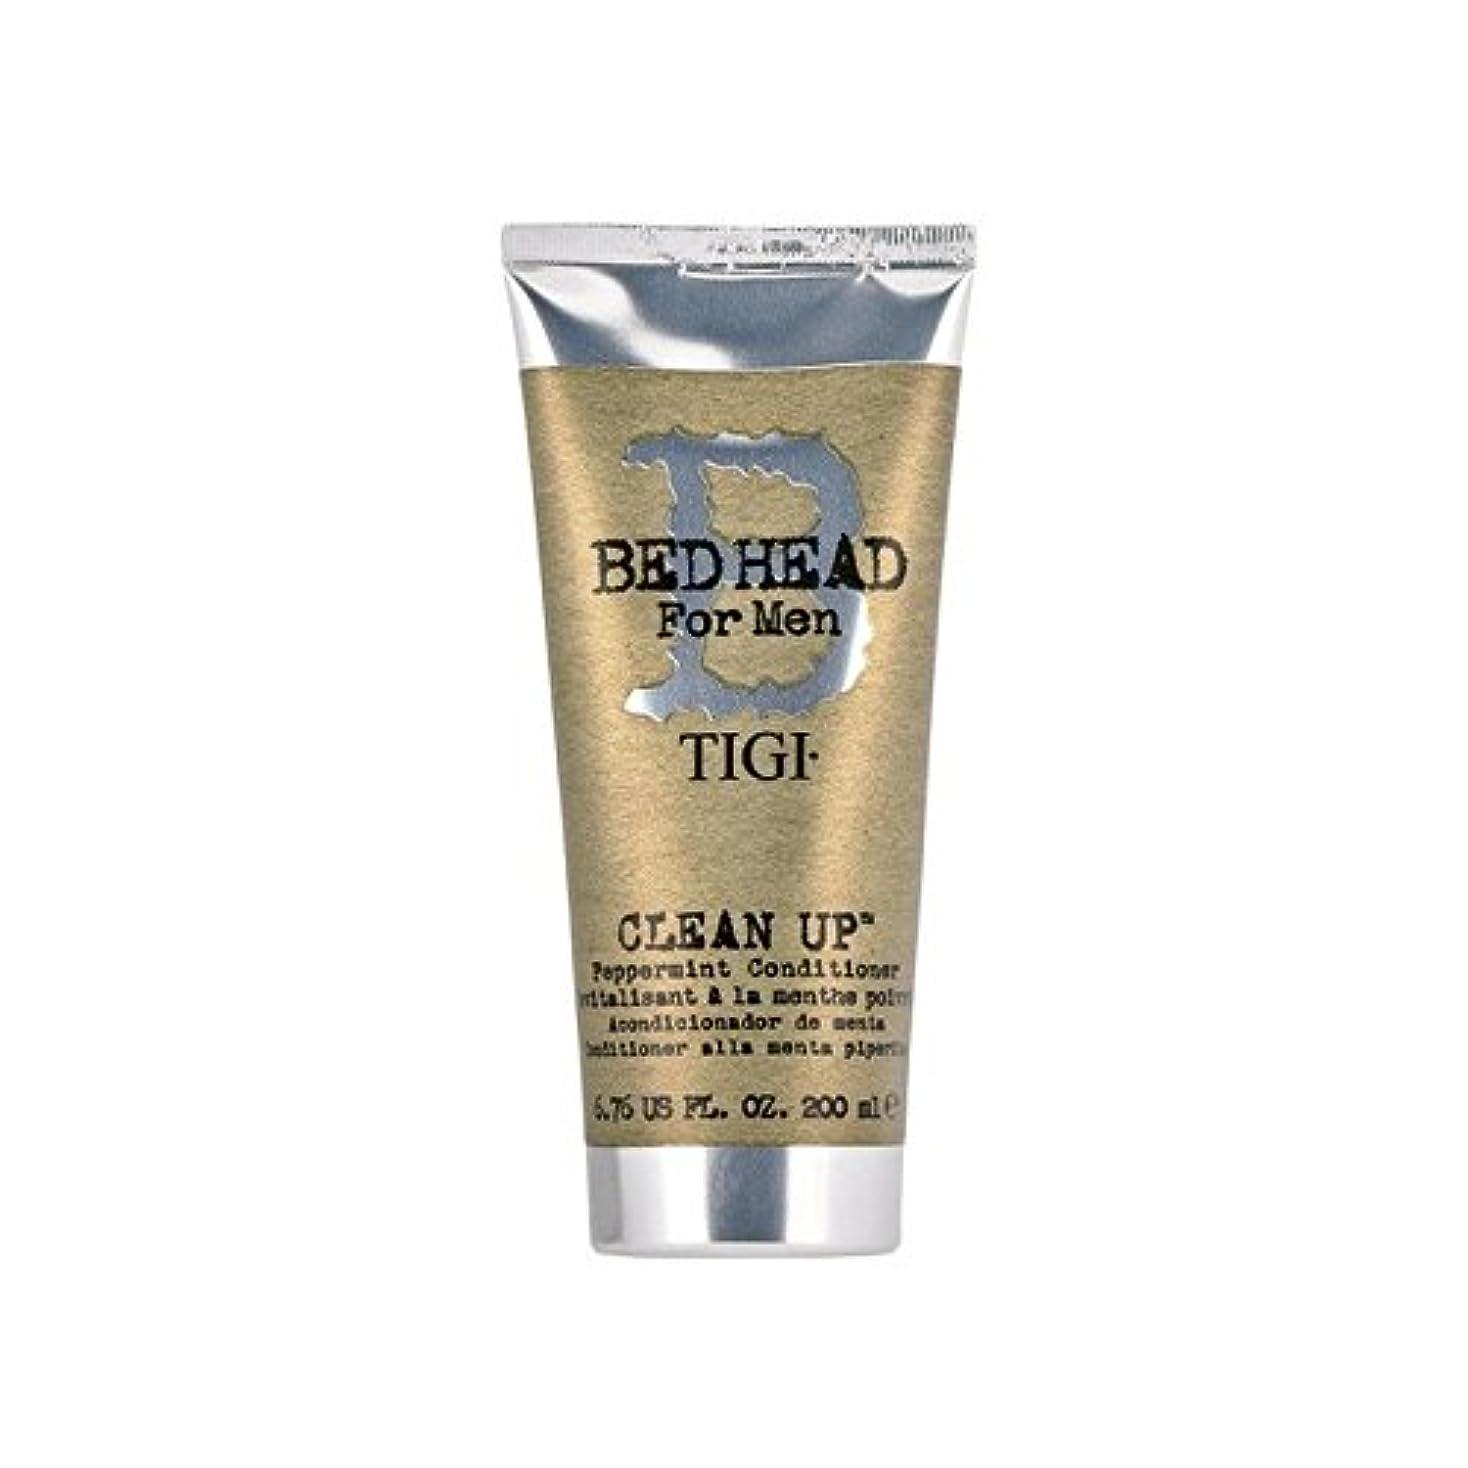 スカーフ卒業サイズTigi Bed Head For Men Clean Up Peppermint Conditioner (200ml) (Pack of 6) - ペパーミントコンディショナーをクリーンアップする男性のためのティジーベッドヘッド(200ミリリットル) x6 [並行輸入品]